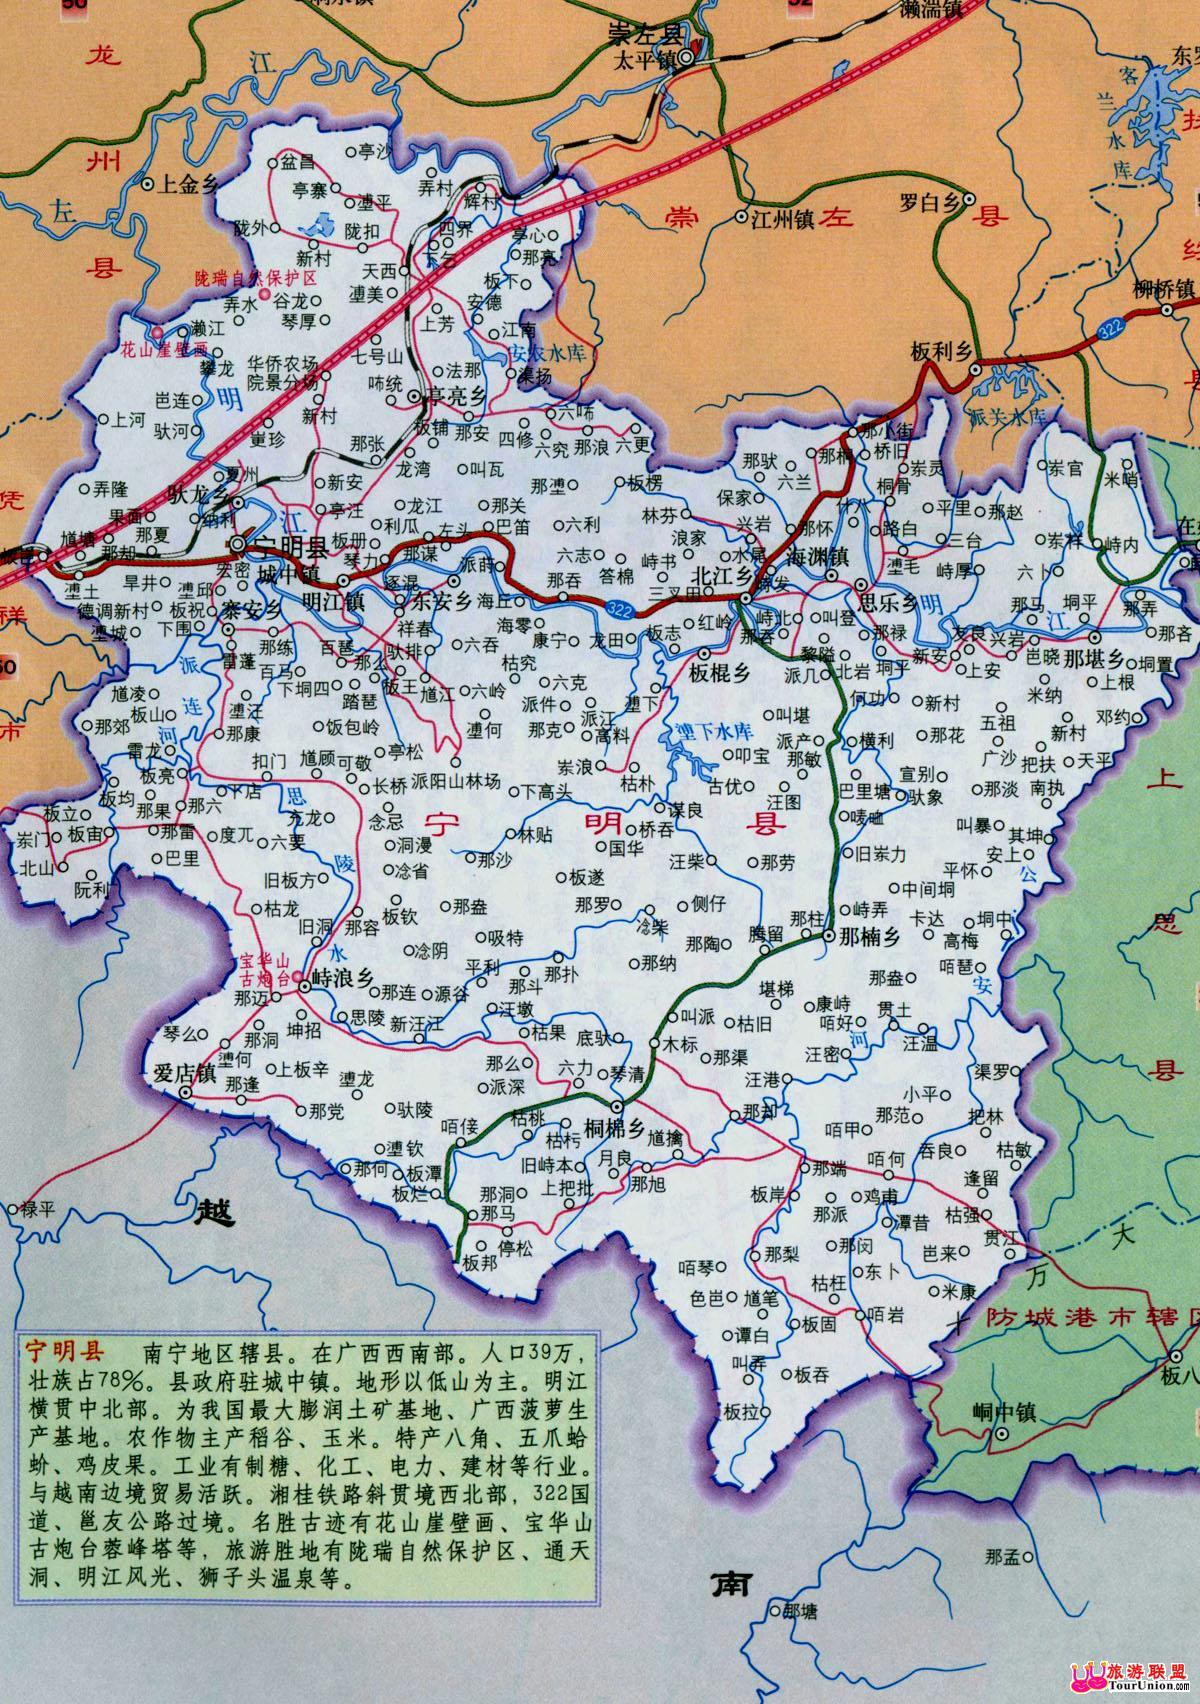 广西防城港旅游地图_崇左宁明县概况-旅游联盟广西崇左旅游资讯中心